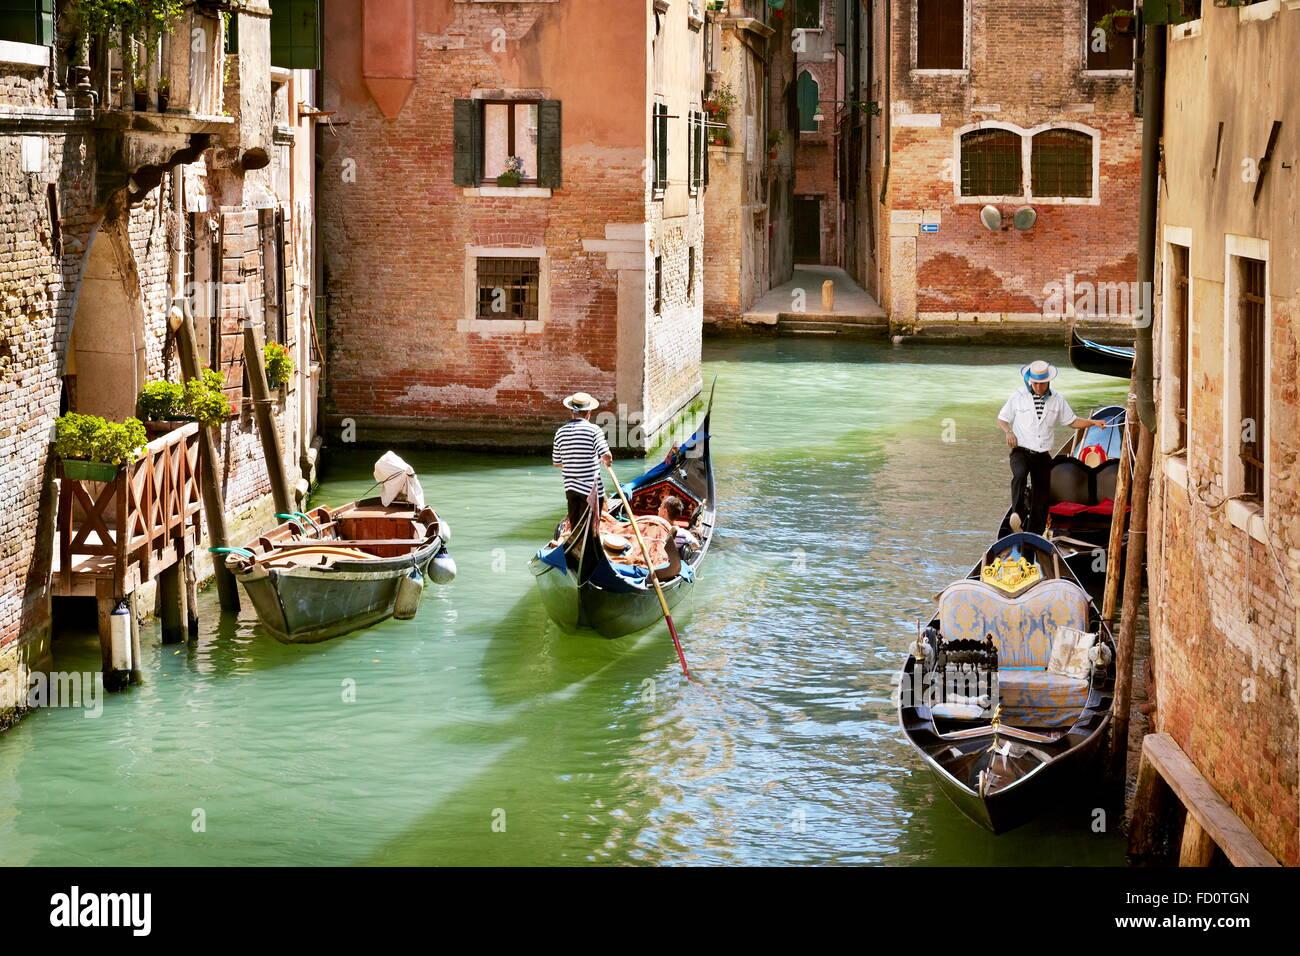 Venecia - góndola por el canal, en Italia, la UNESCO Imagen De Stock